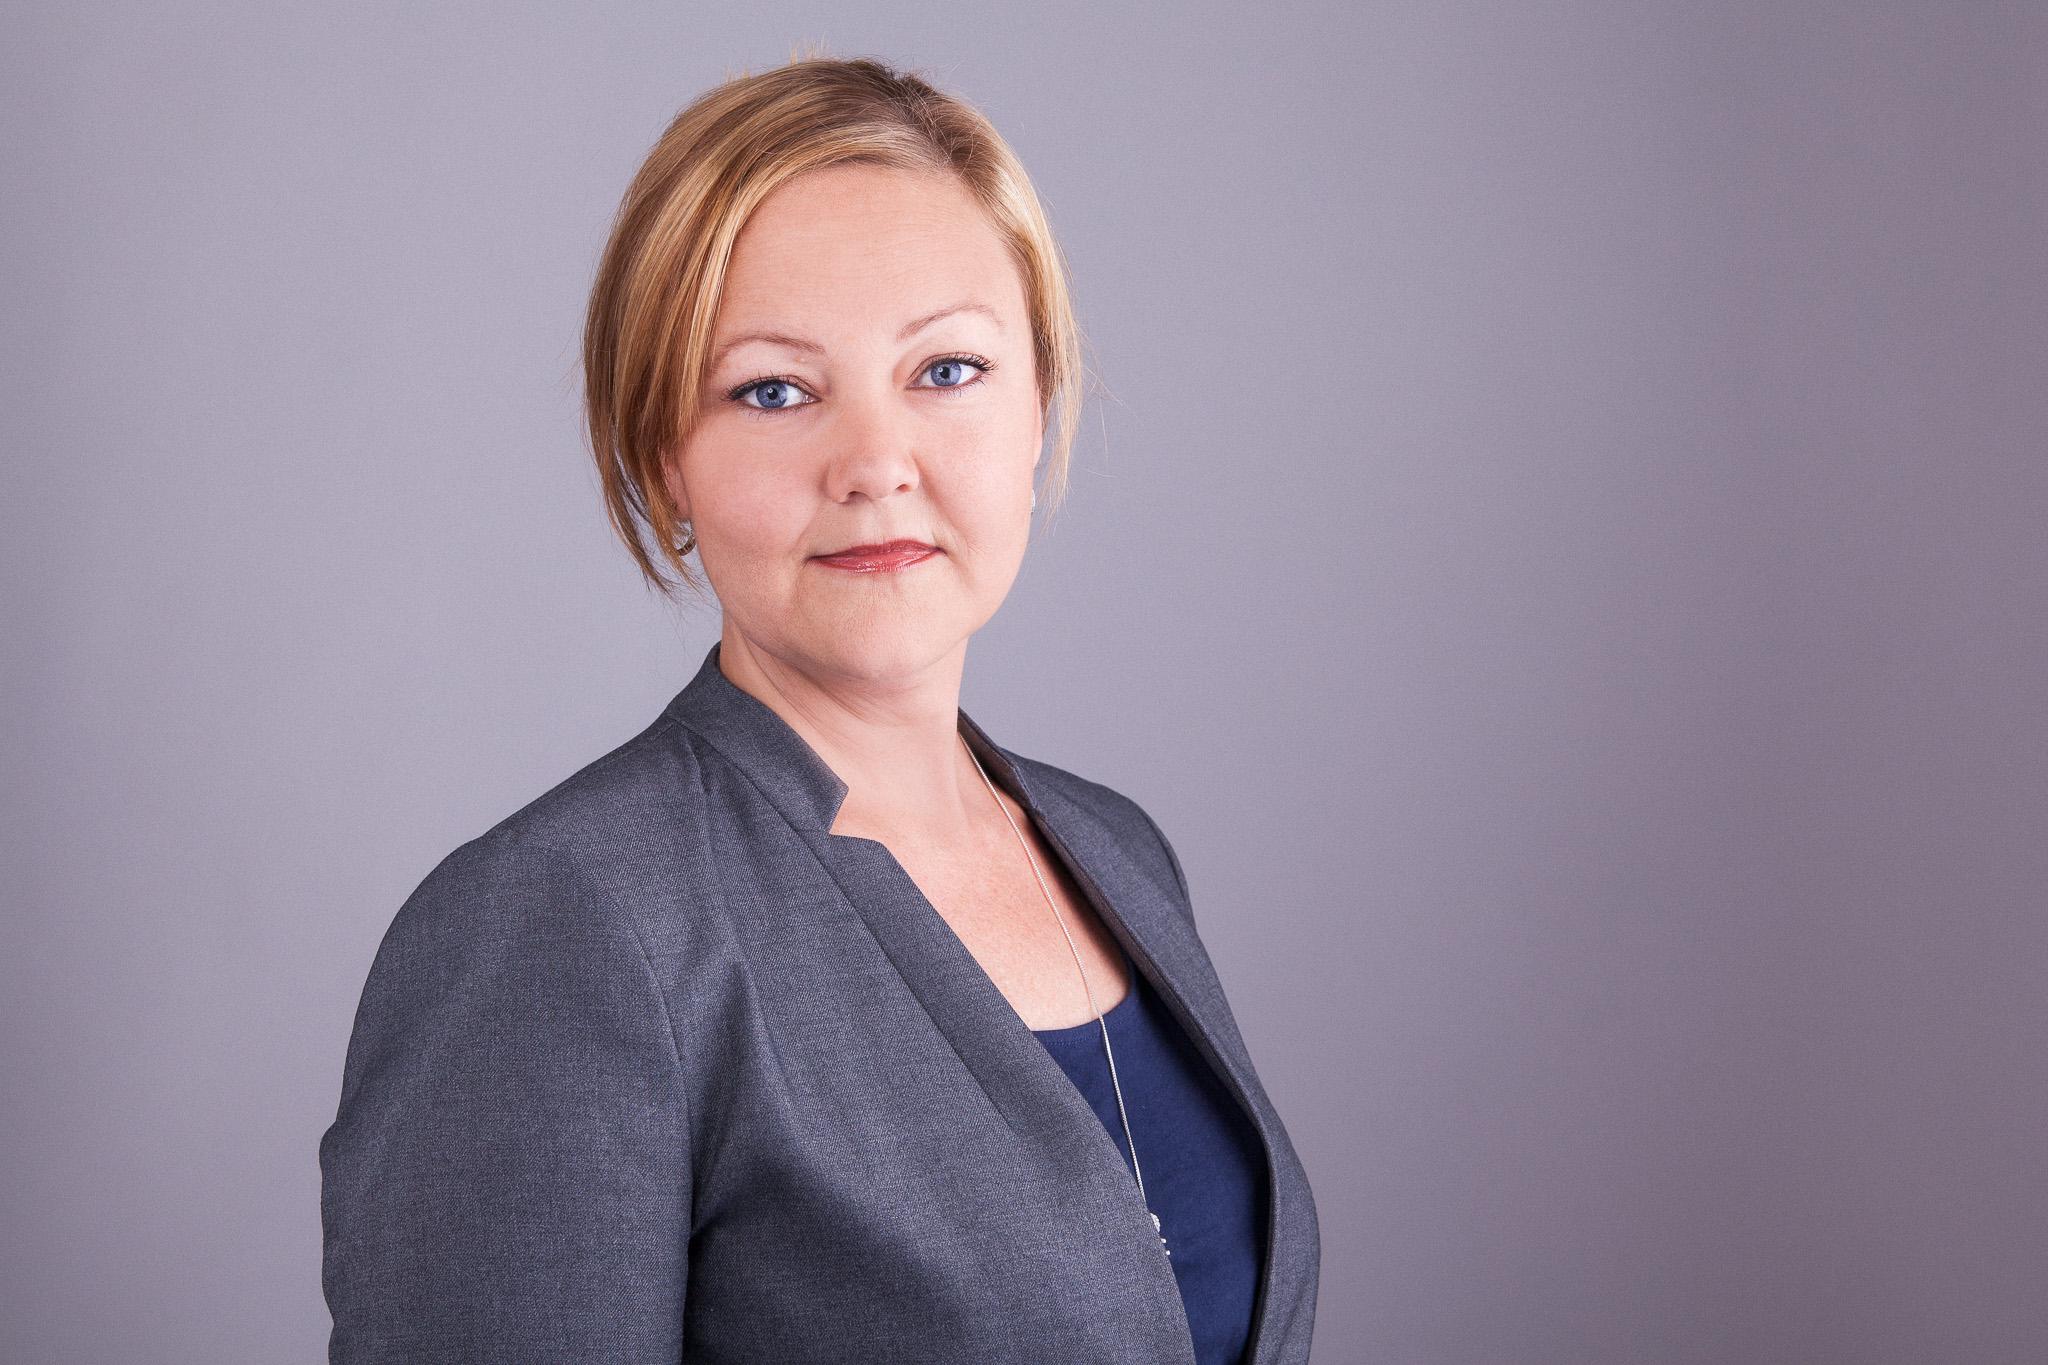 En bild för diabetes - Camilla Hellgren